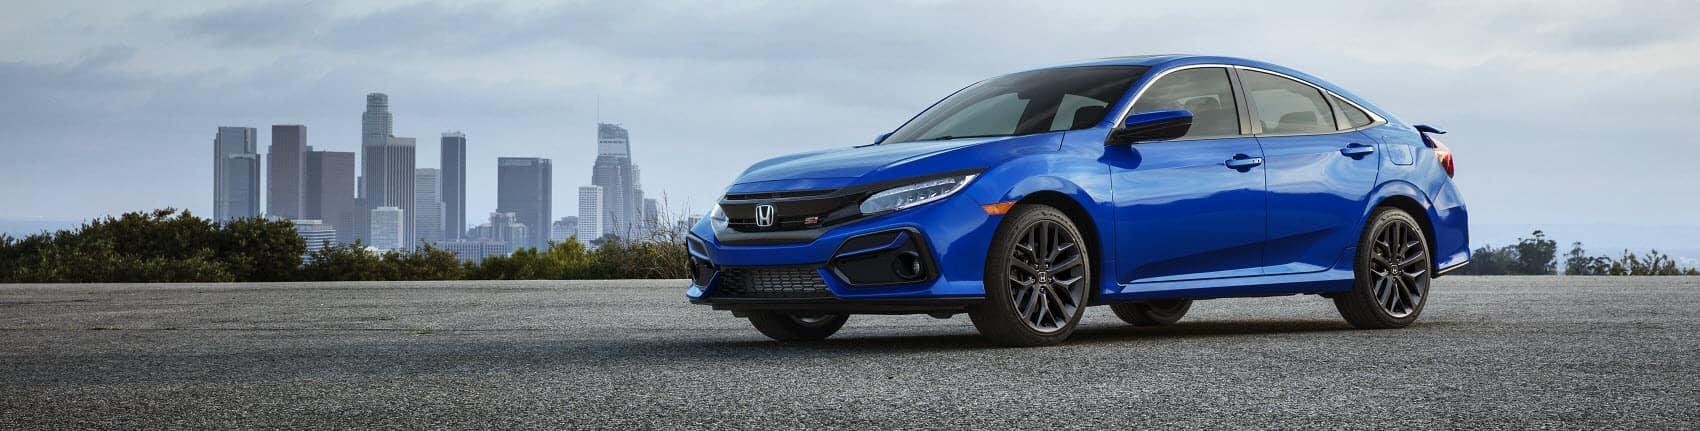 2020 Honda Civic Blue